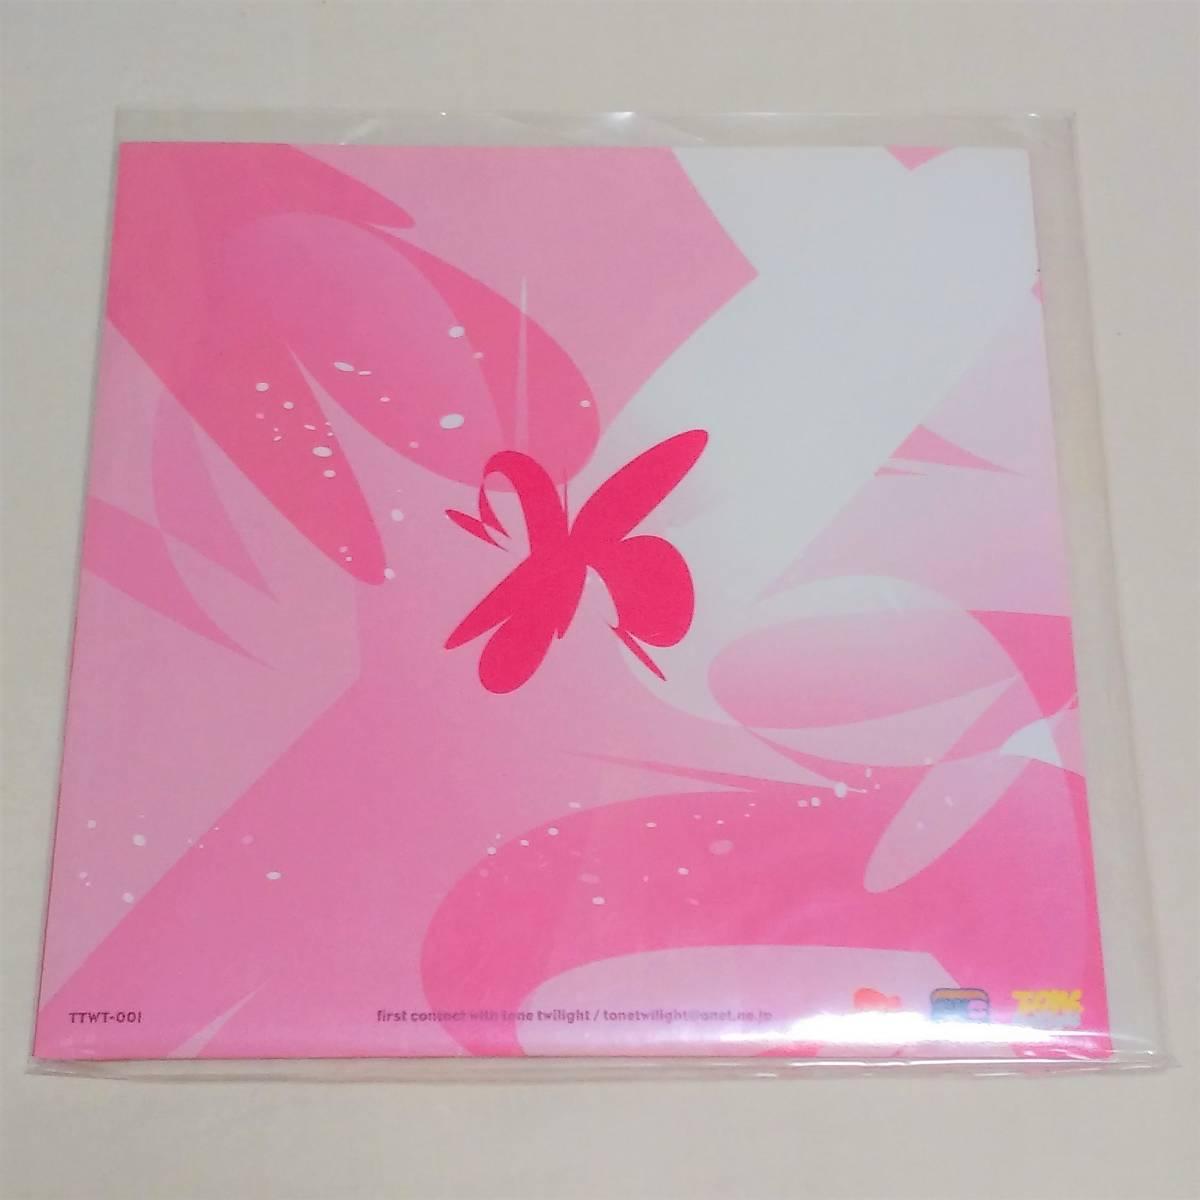 カヒミ カリィ kahimi karie dear boy 限定 7インチレコード ホワイト・ヴァイナル コーネリアス フリッパーズギター 小沢健二_画像2